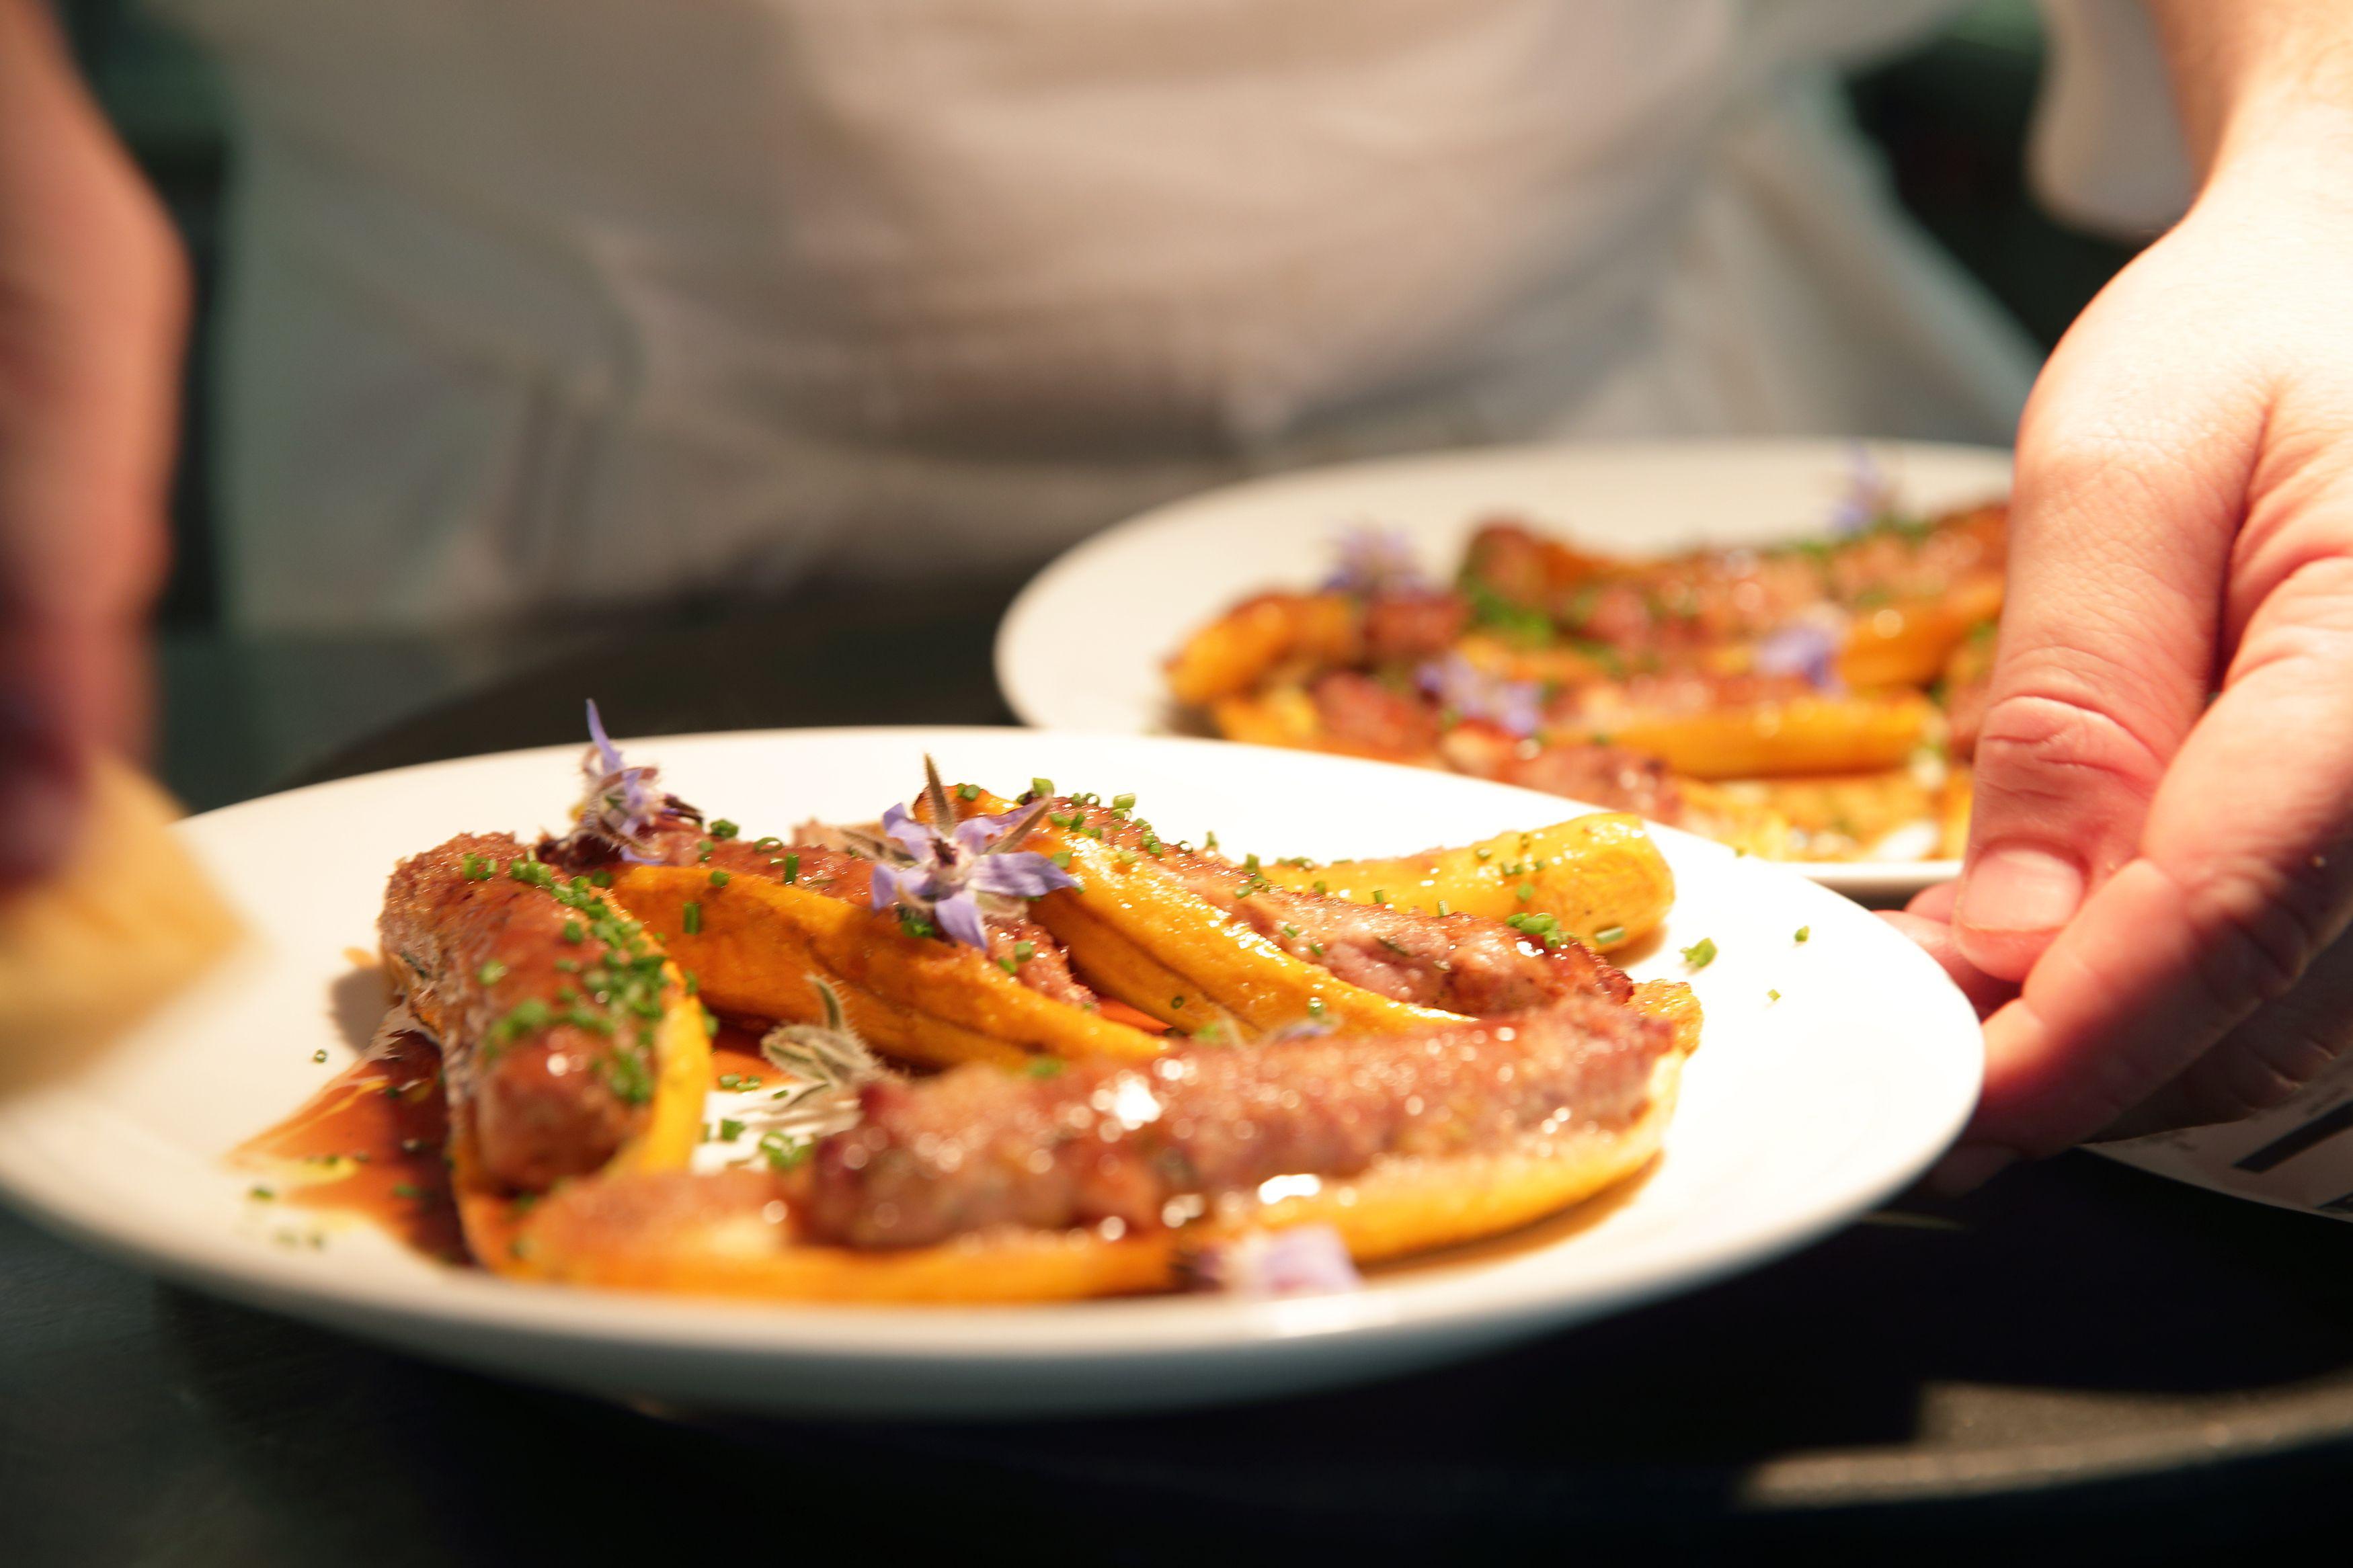 La gastronomie française perd son rang mondial parce que les restaurants français sont jugés trop prétentieux